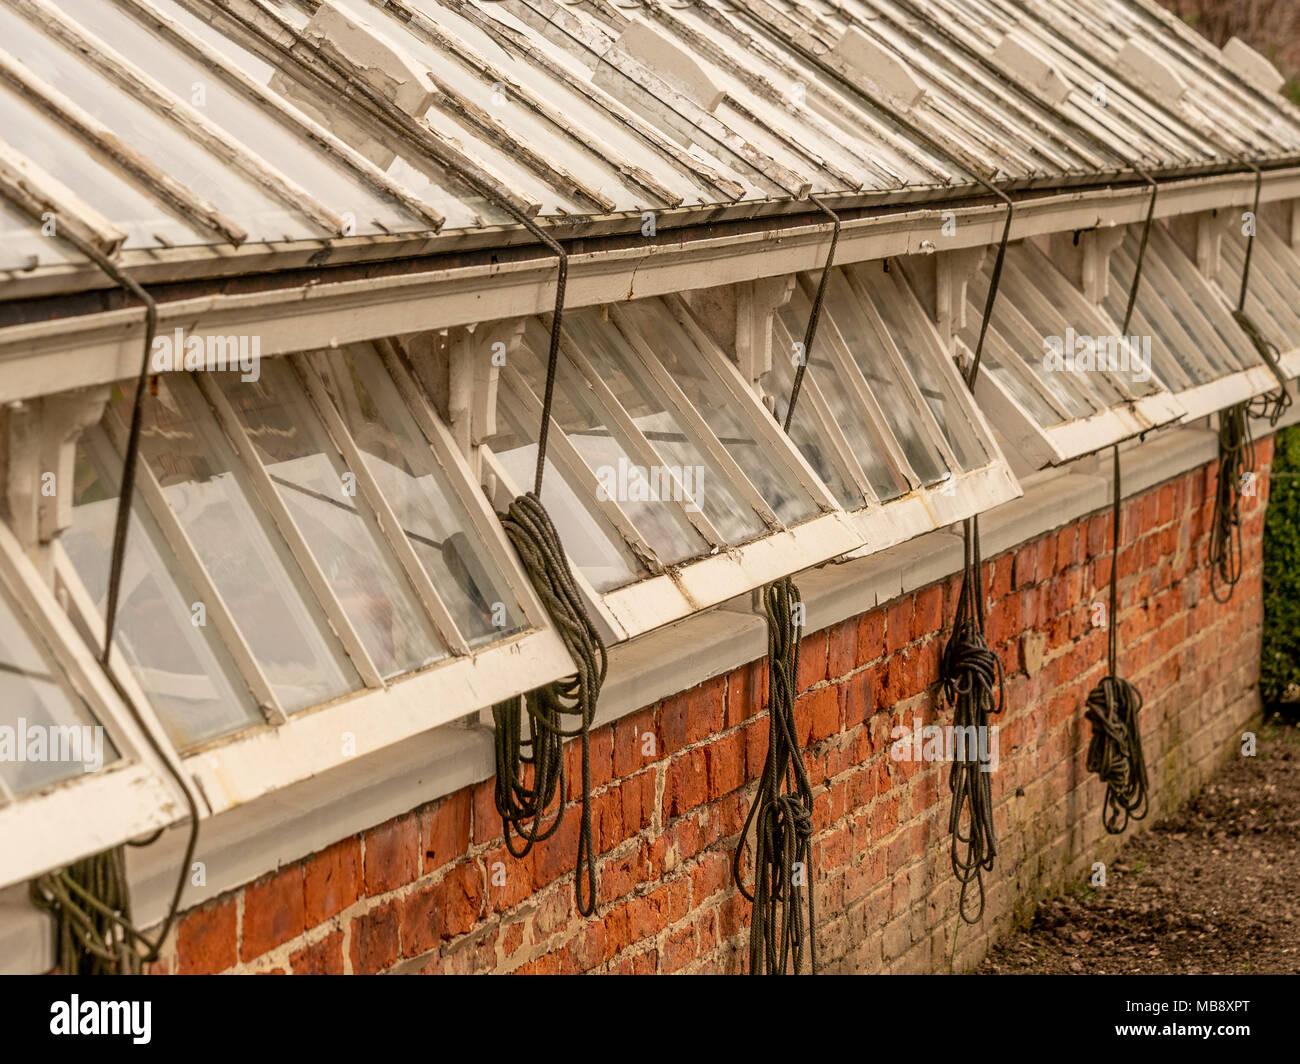 Gewachshaus Fenster Luftung Zur Vermeidung Von Uberhitzung Von